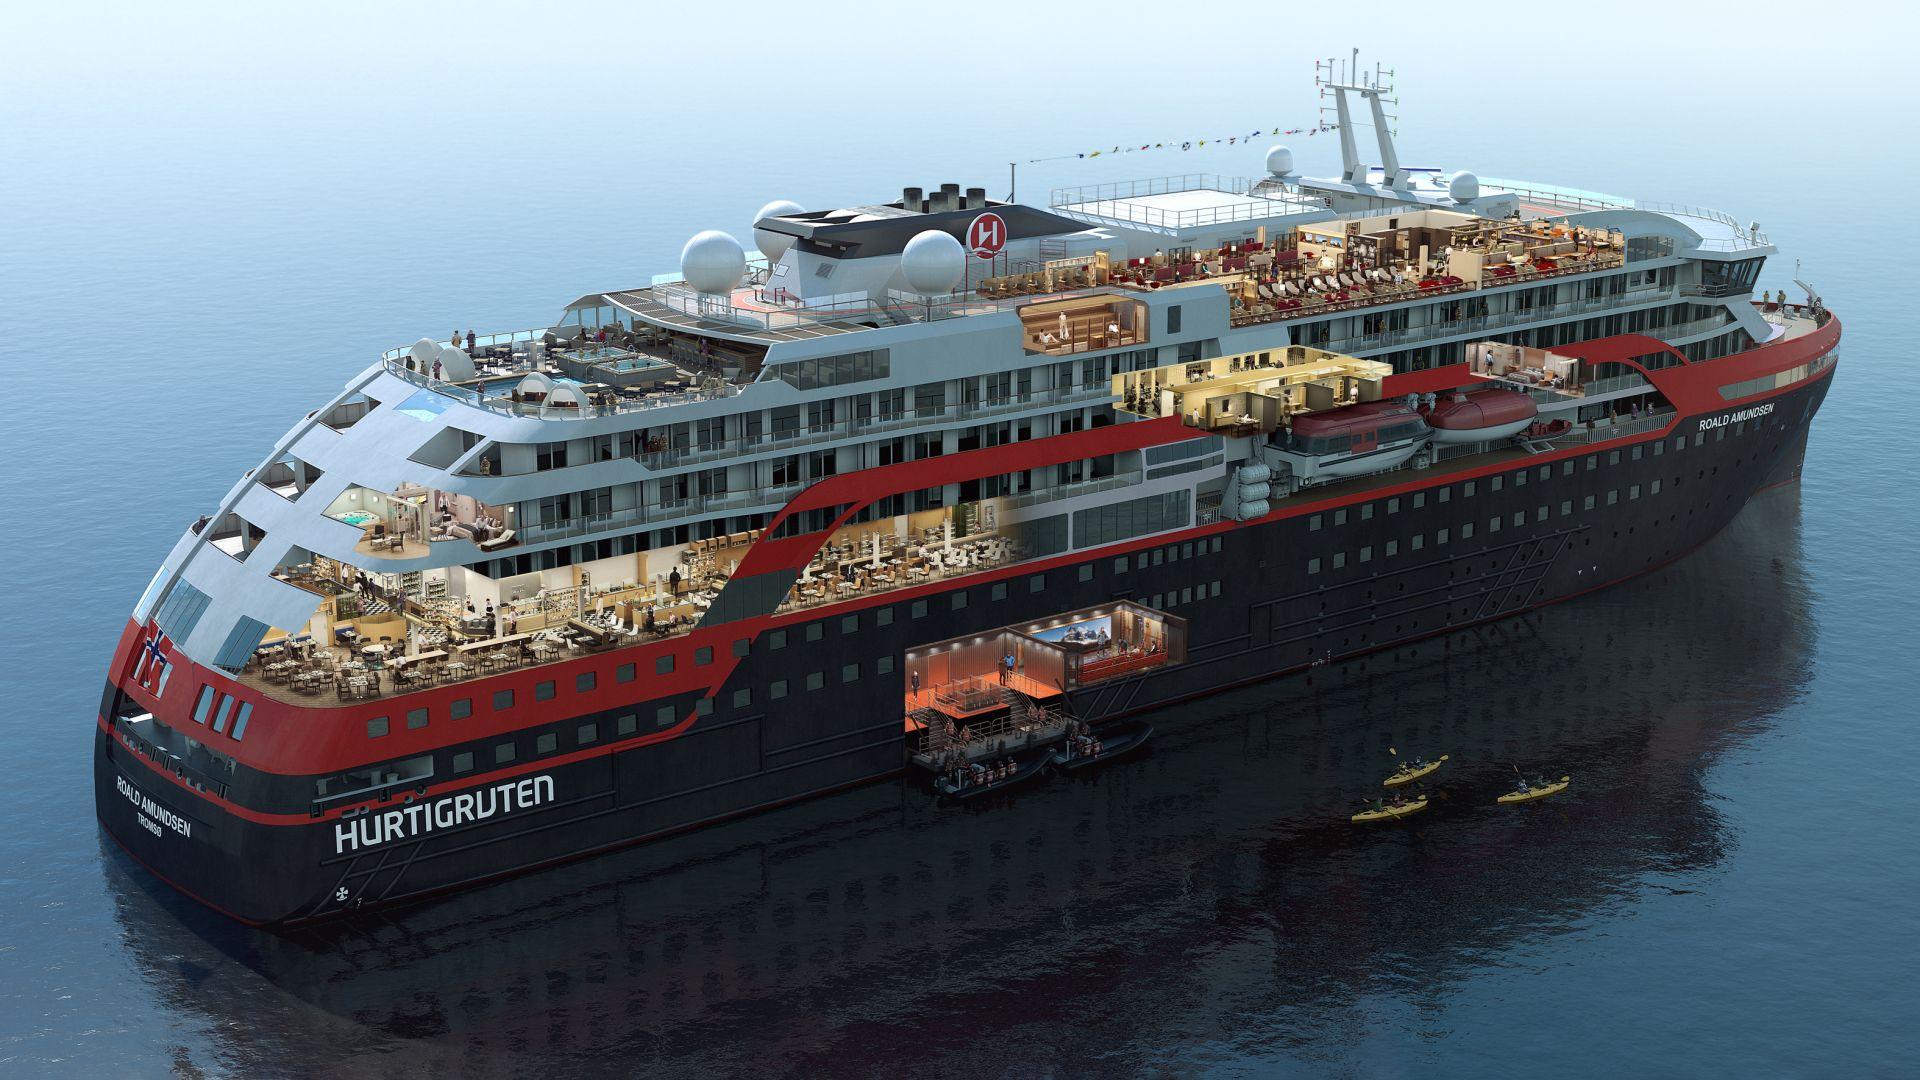 33-ма членове на екипажа на круизен кораб са заразени с COVID, над 500 души - под карантина